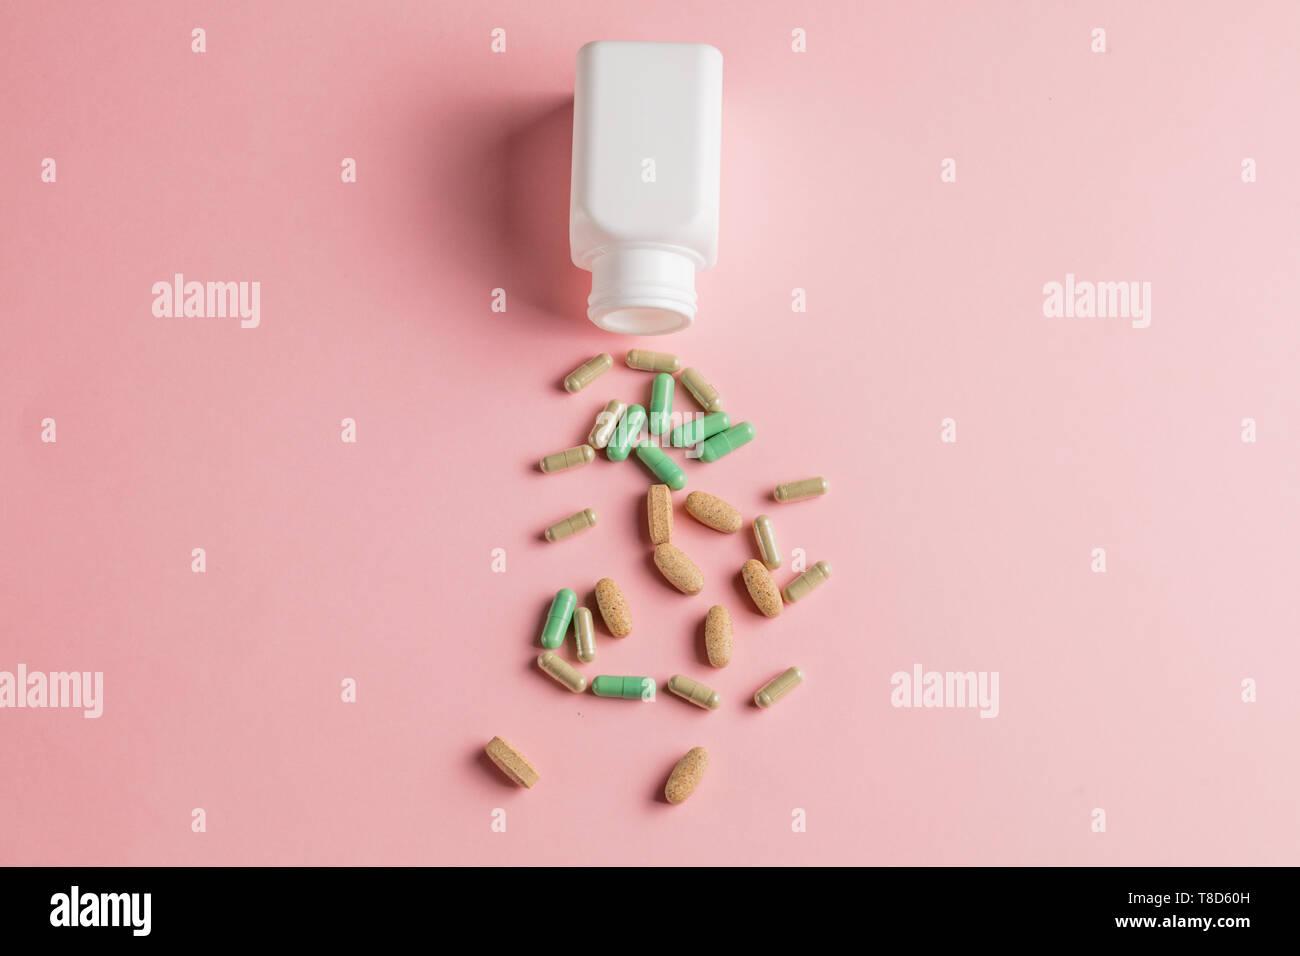 La Droga Pillole Medicina Isolato Su Sfondo Rosa La Salute E La Cura Del Corpo Wellness E Benessere Top View Foto Foto Stock Alamy